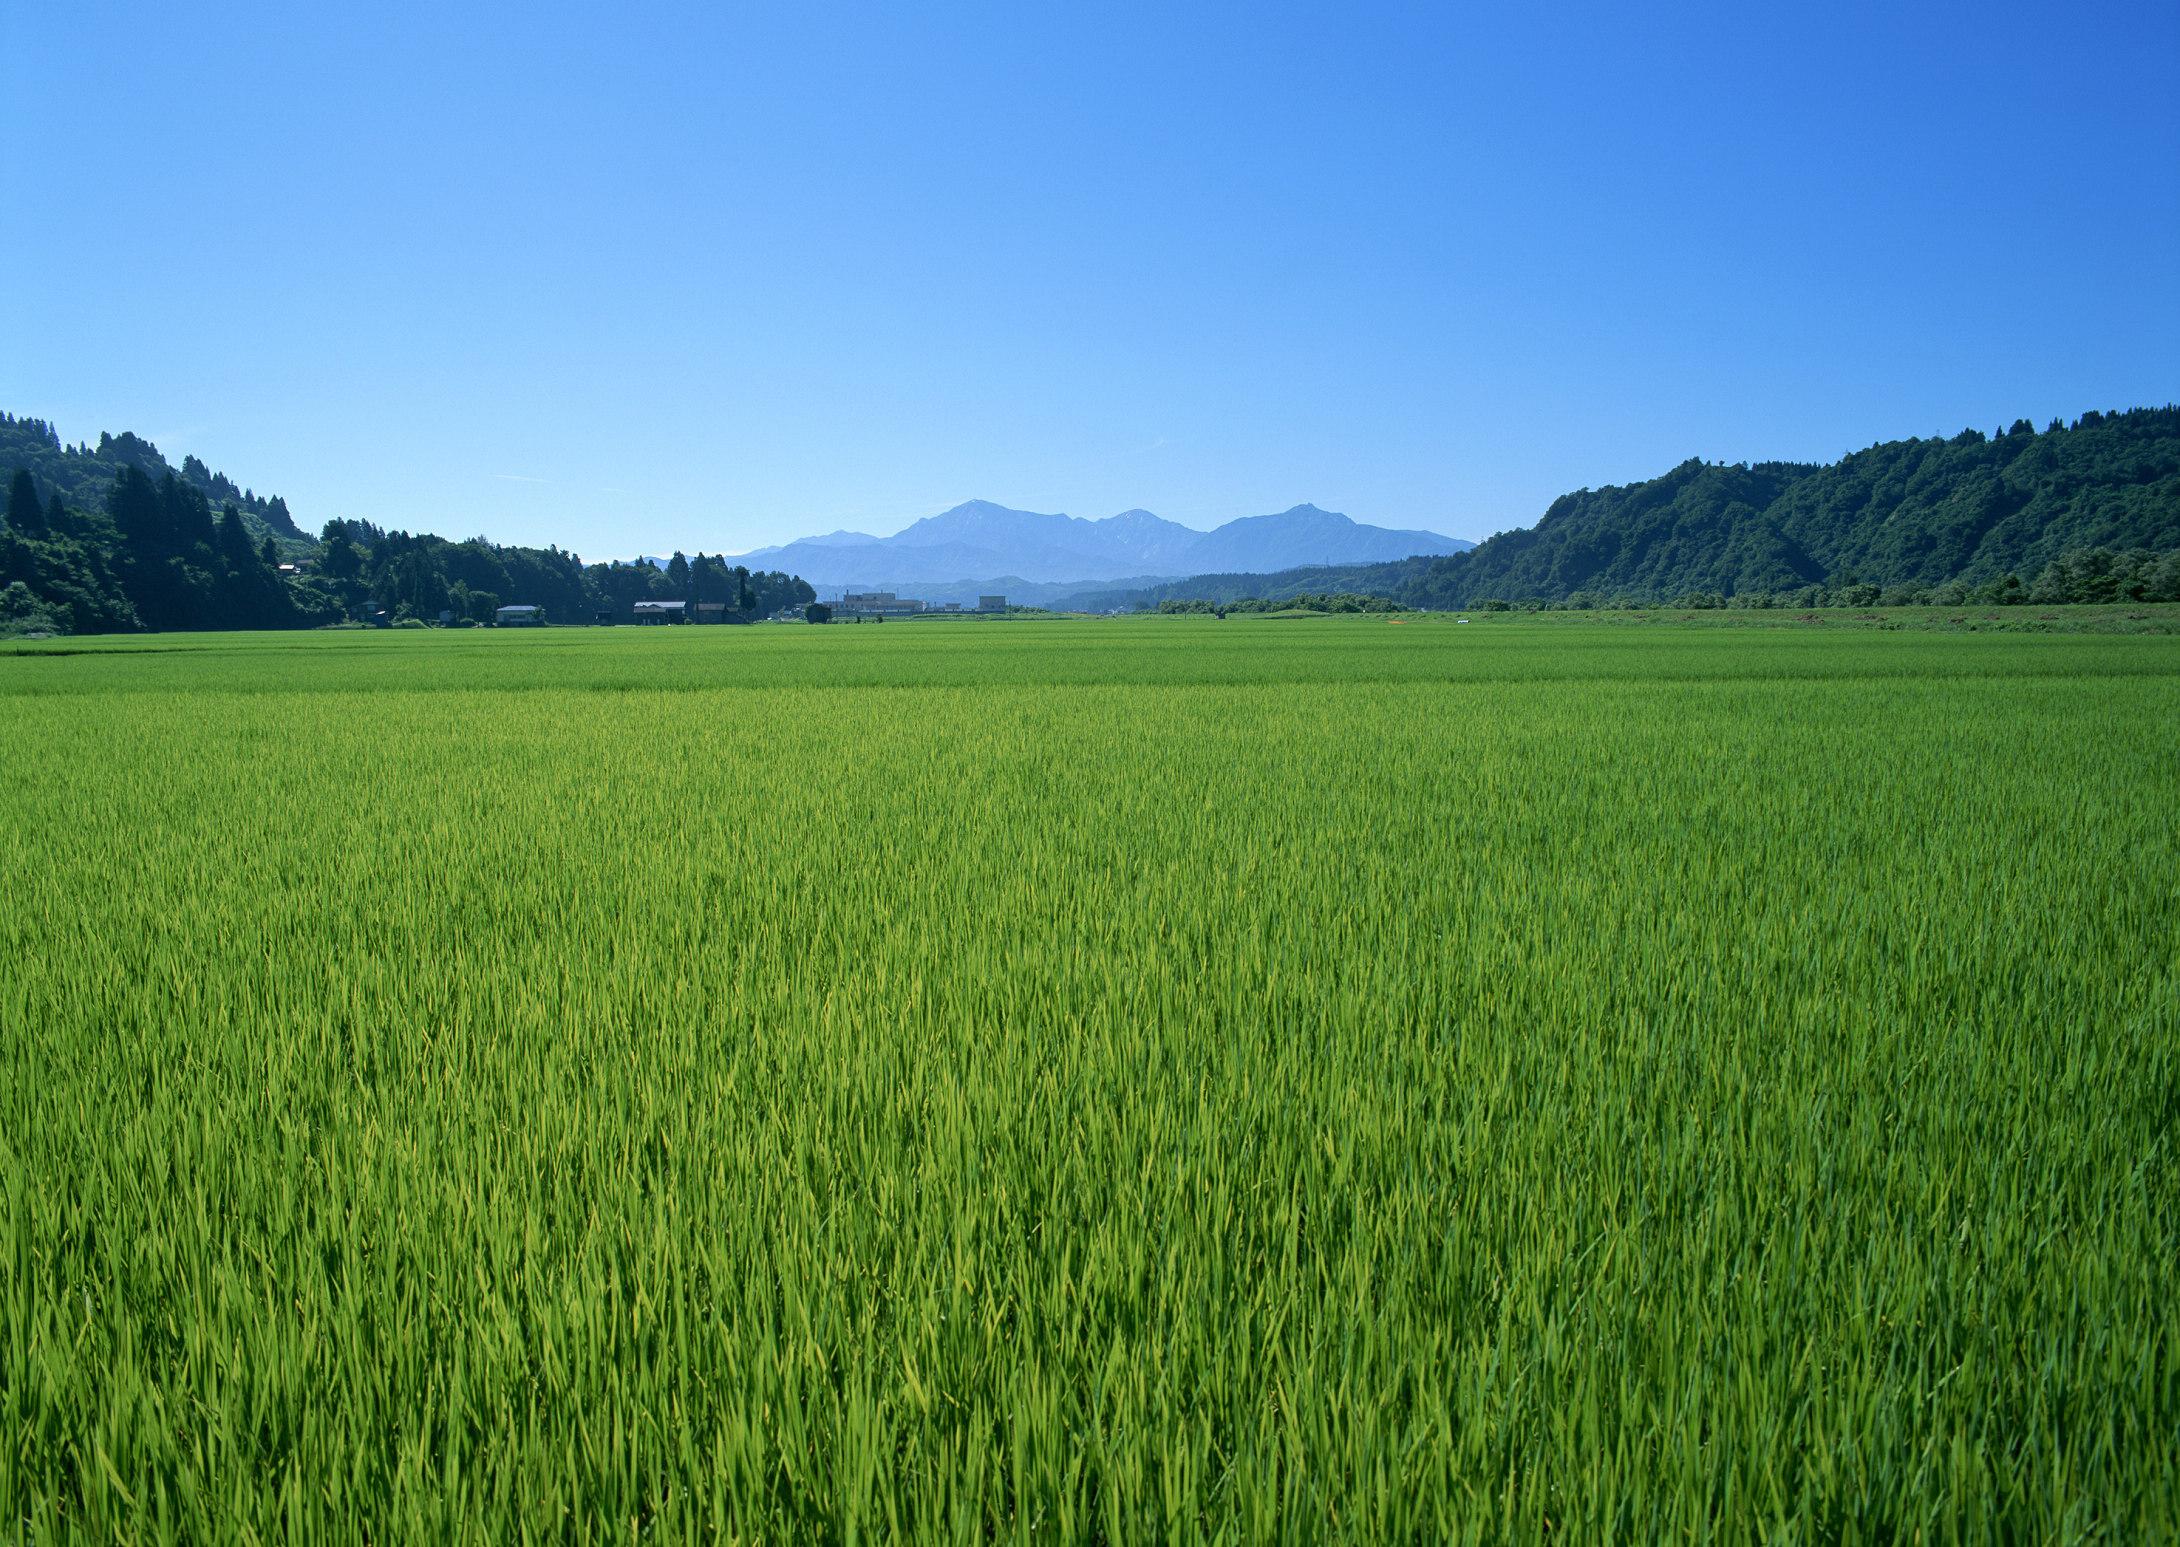 壁纸 草原 成片种植 风景